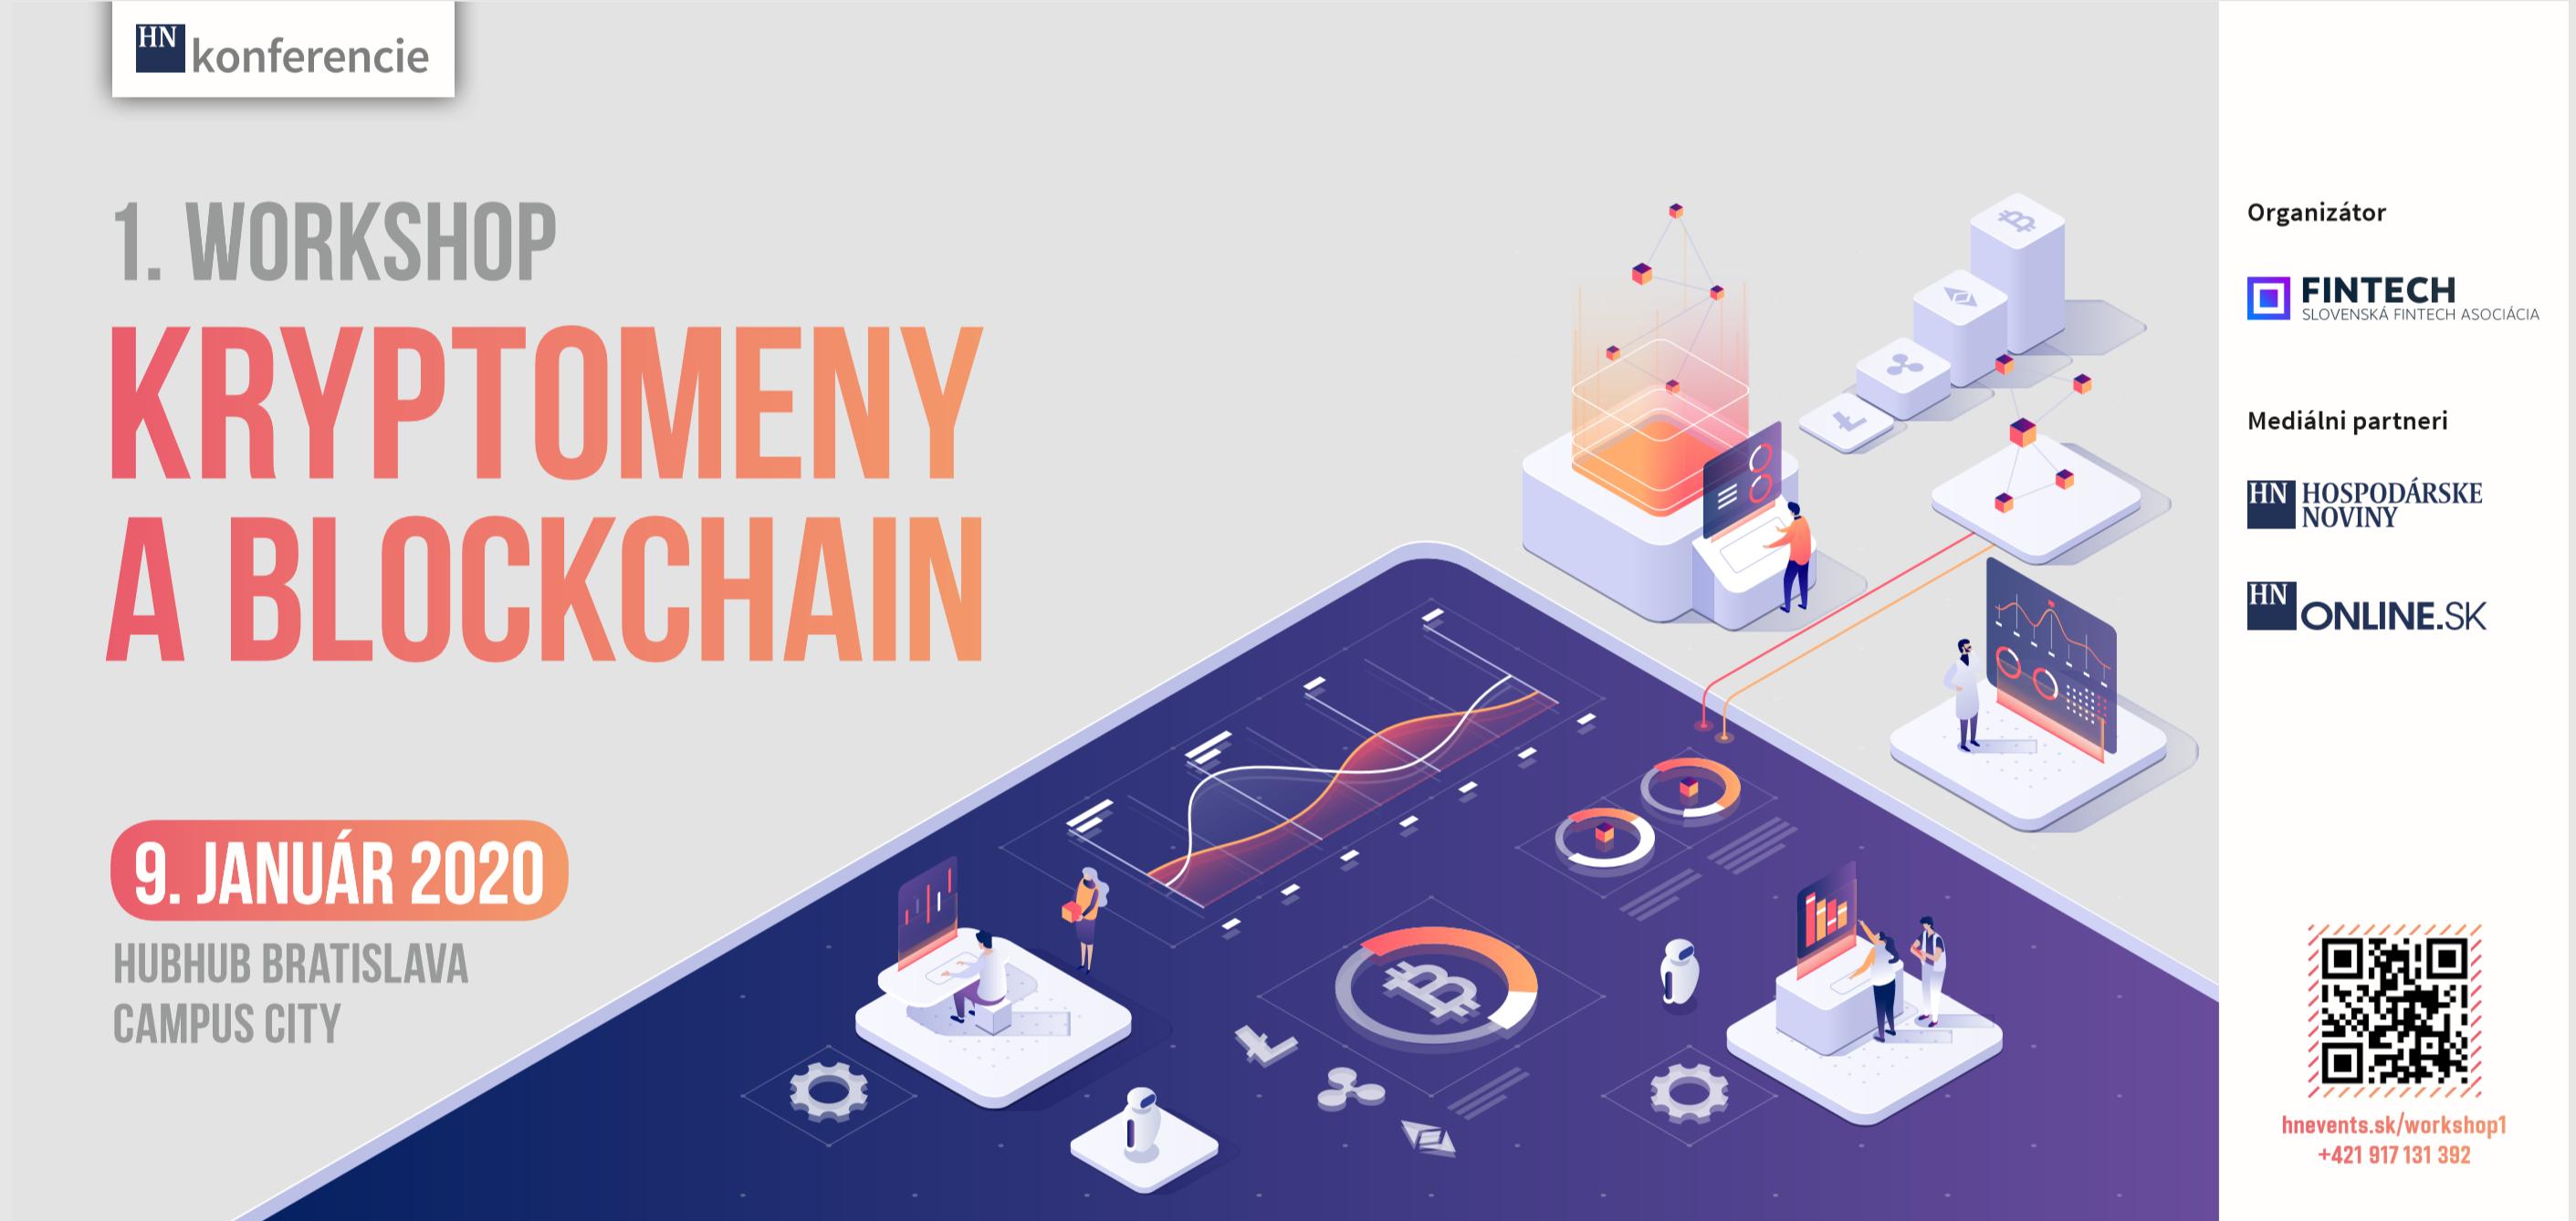 pozvanka na workshop kryptomeny a blockchain